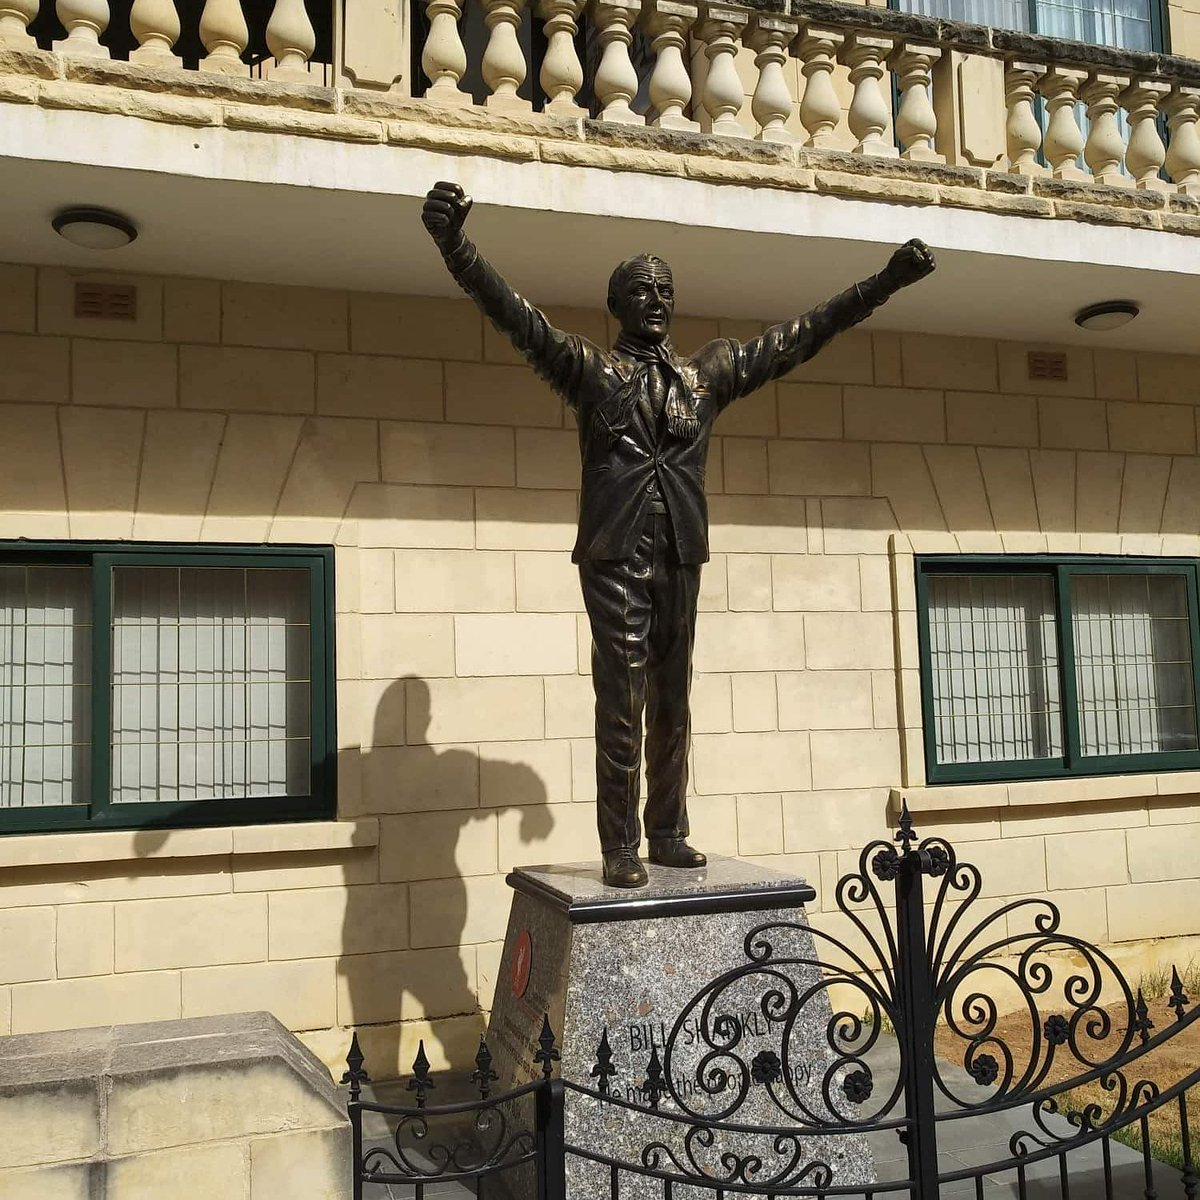 Bill Shankly statue in Xewkija, Gozo, Malta. #LFC #YNWA #LFCFollowBack #LFCFamily #SixTimes #Liverpool #Gozo #Malta https://t.co/98vBGQQDHh